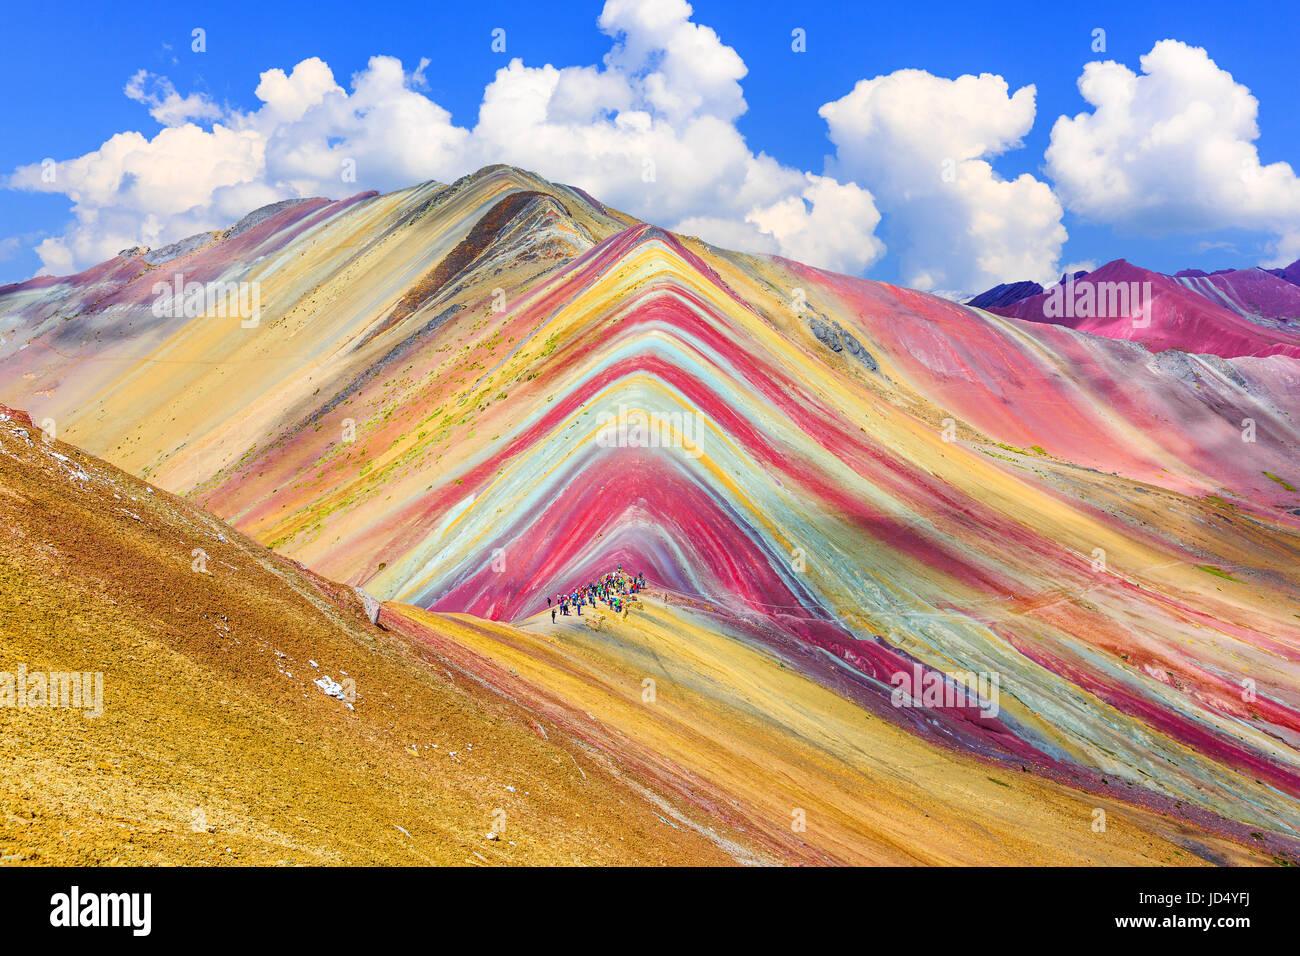 Vinicunca, regione di Cusco, Perù. Montana de Siete Colores, o Rainbow Mountain. Foto Stock